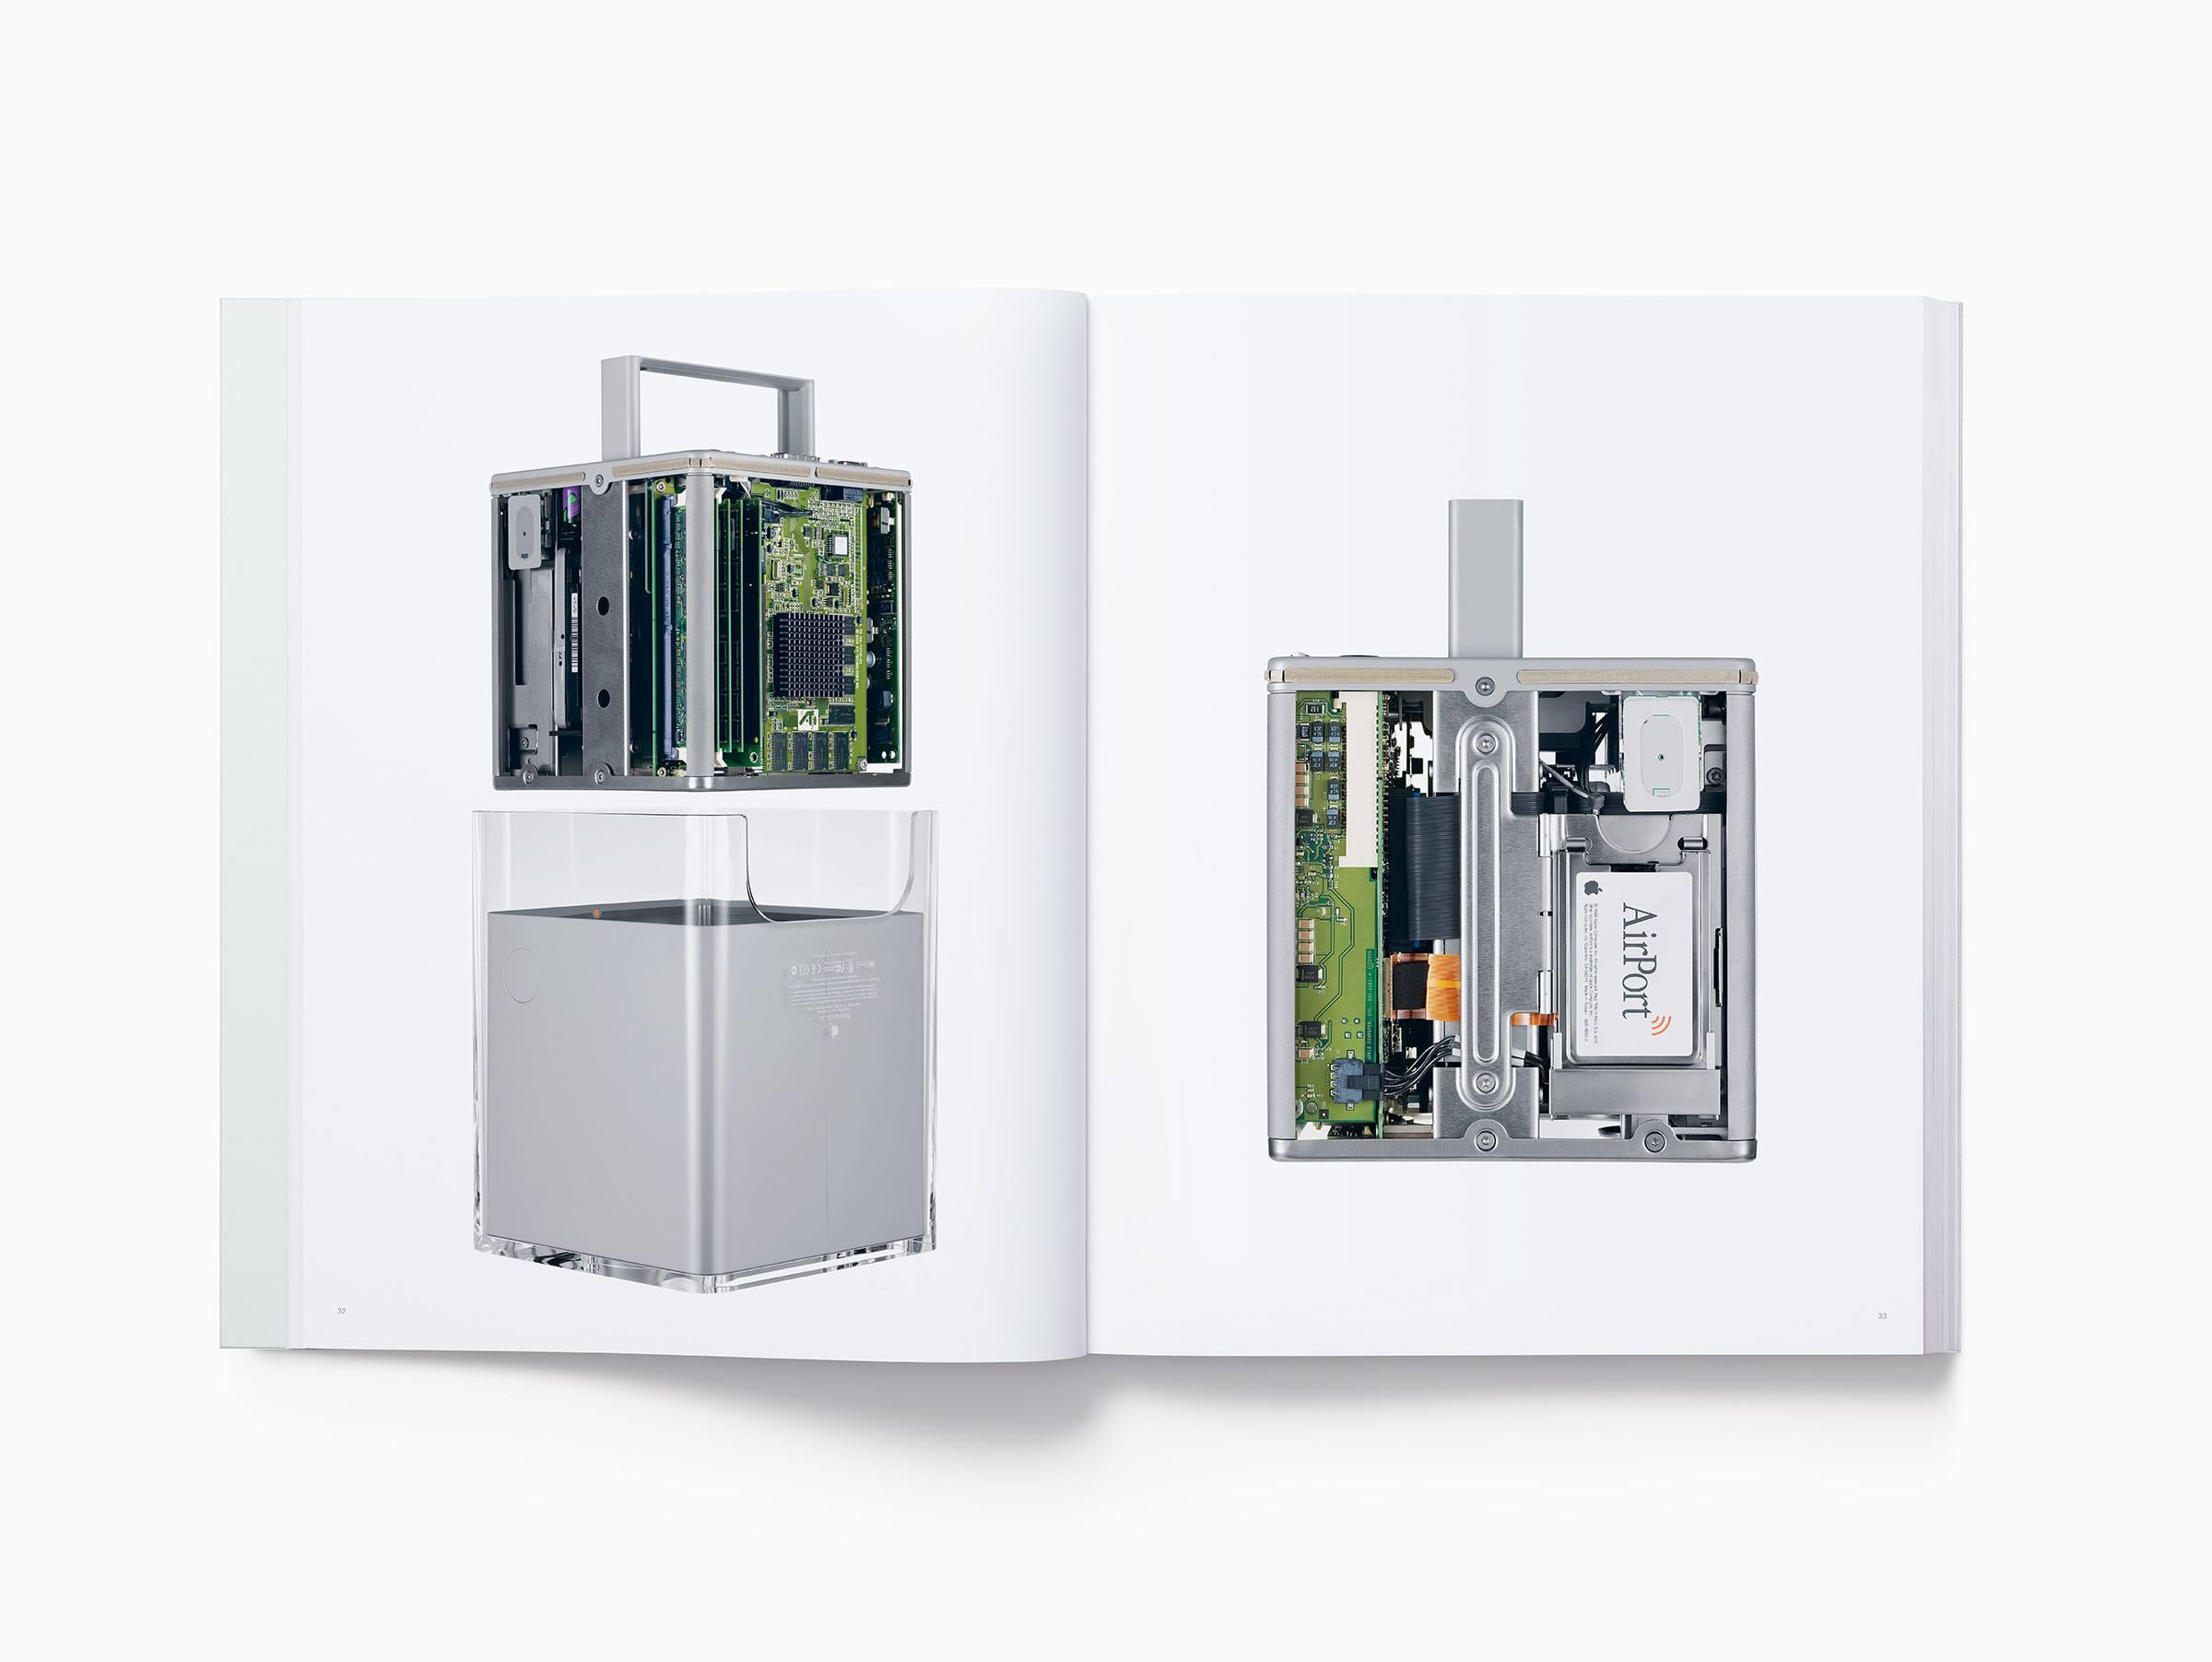 designed-by-apple-in-california ضحكة تقنية: مسخرة كتاب آبل بسعر 299 دولار